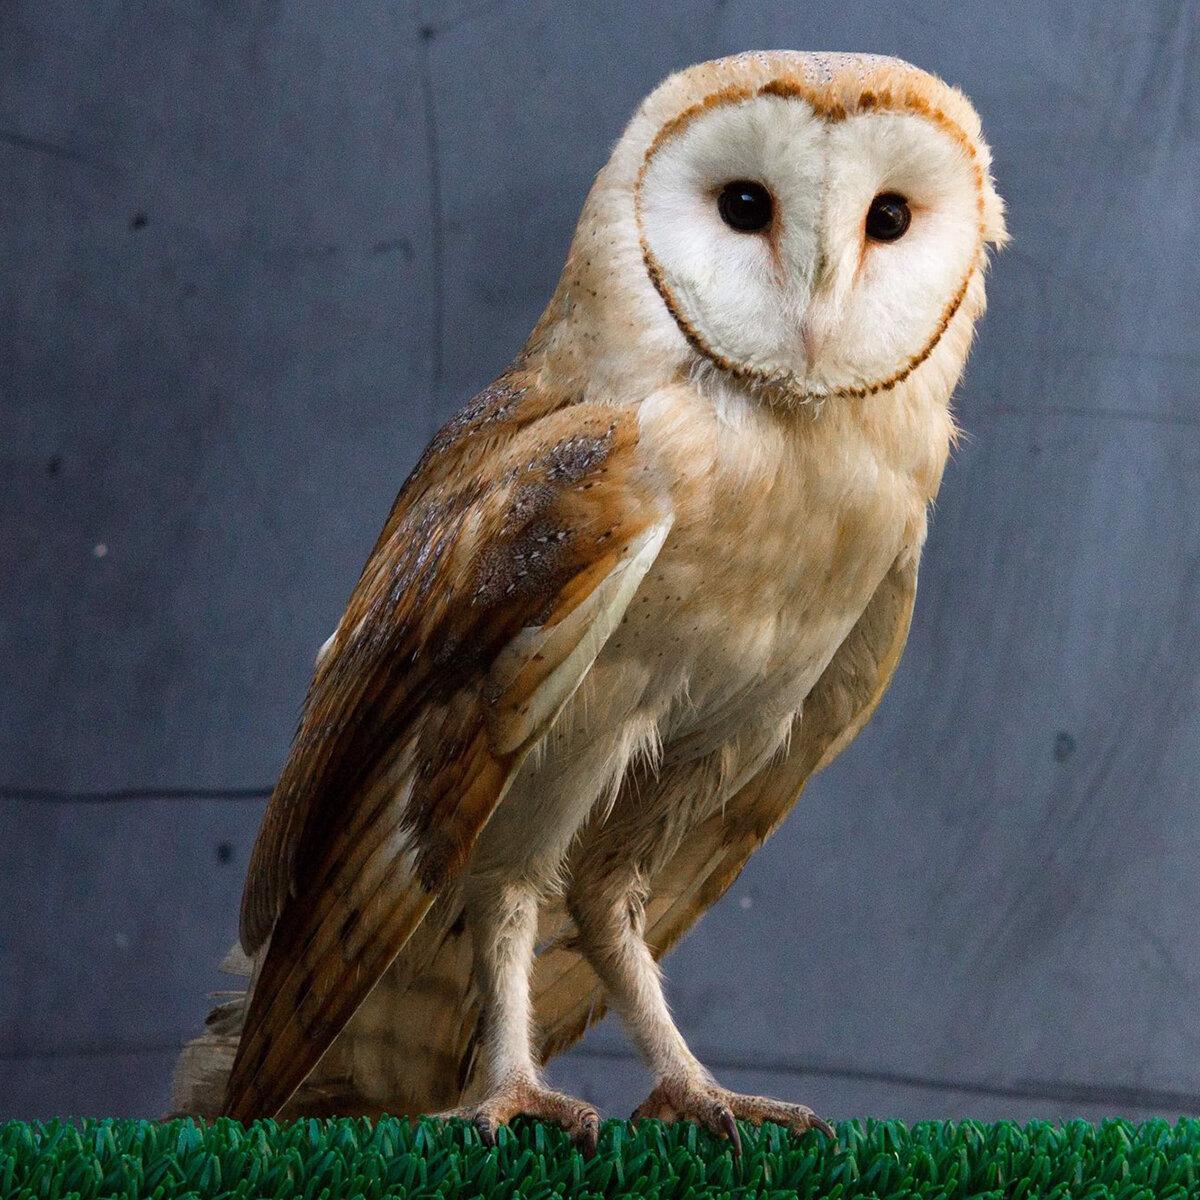 10_10 Owl glue trap FB Insta.jpg